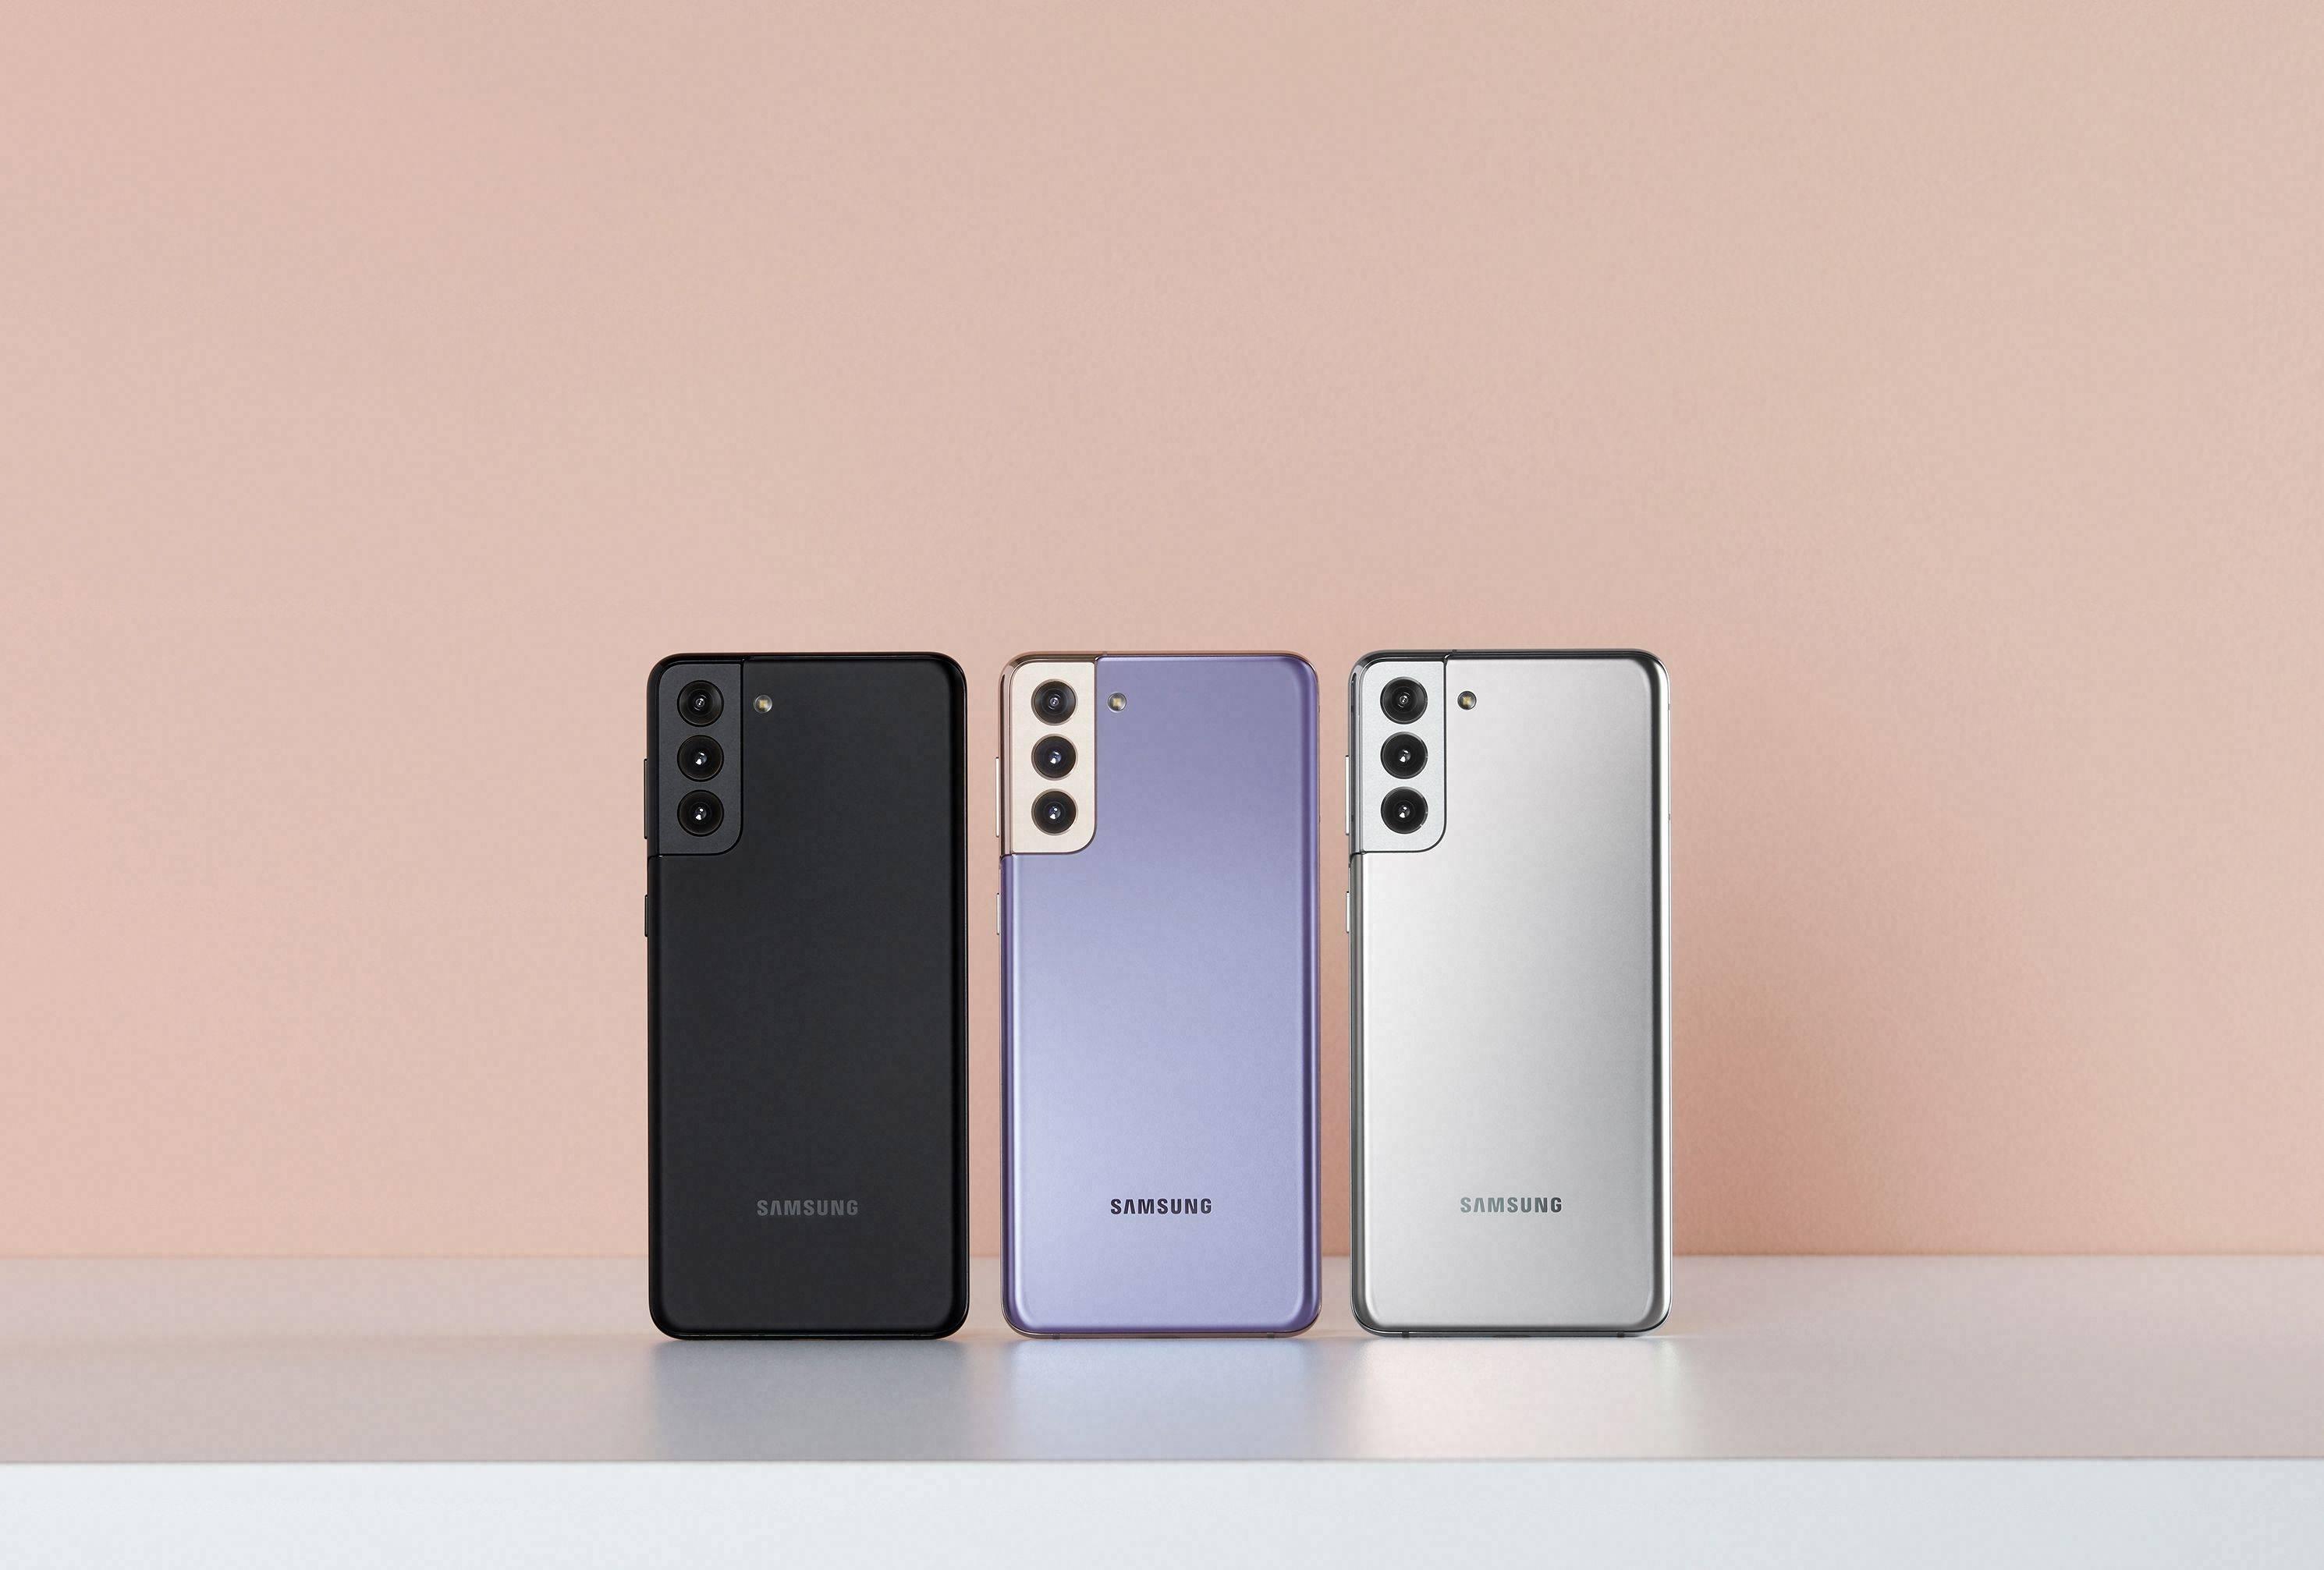 三星 Galaxy S21 系列发布:三款机型,强弱分明